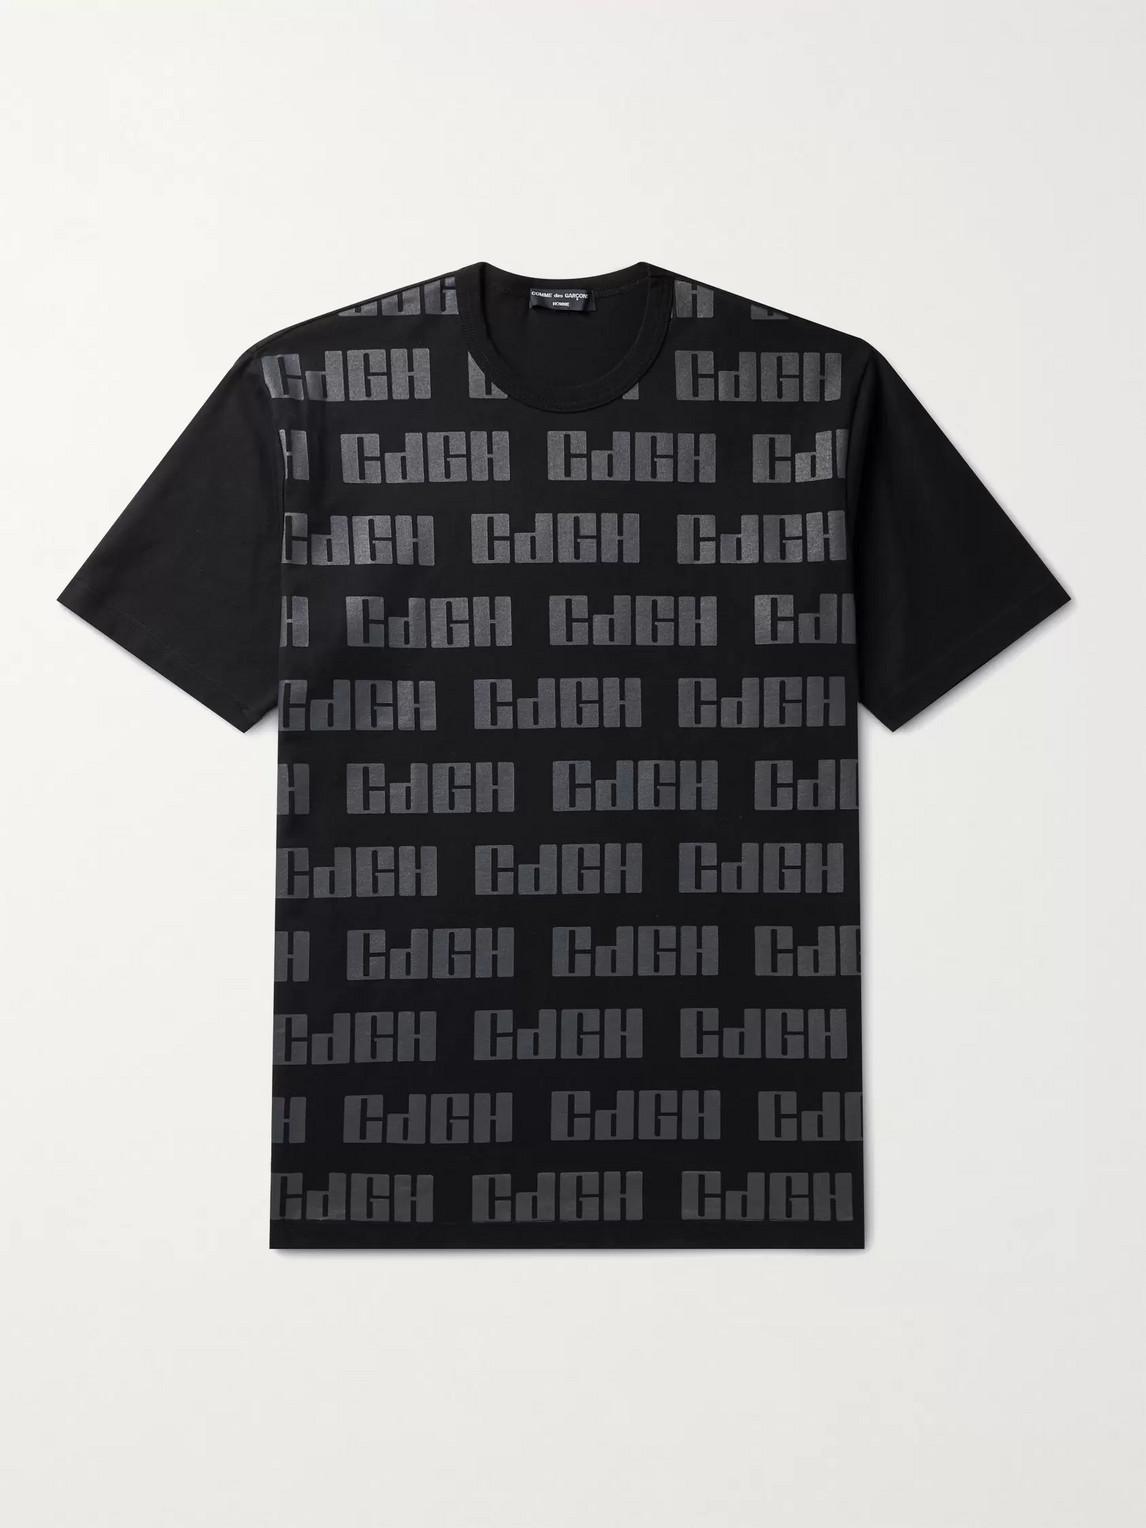 comme des garçons homme - logo-print cotton-jersey t-shirt - men - black